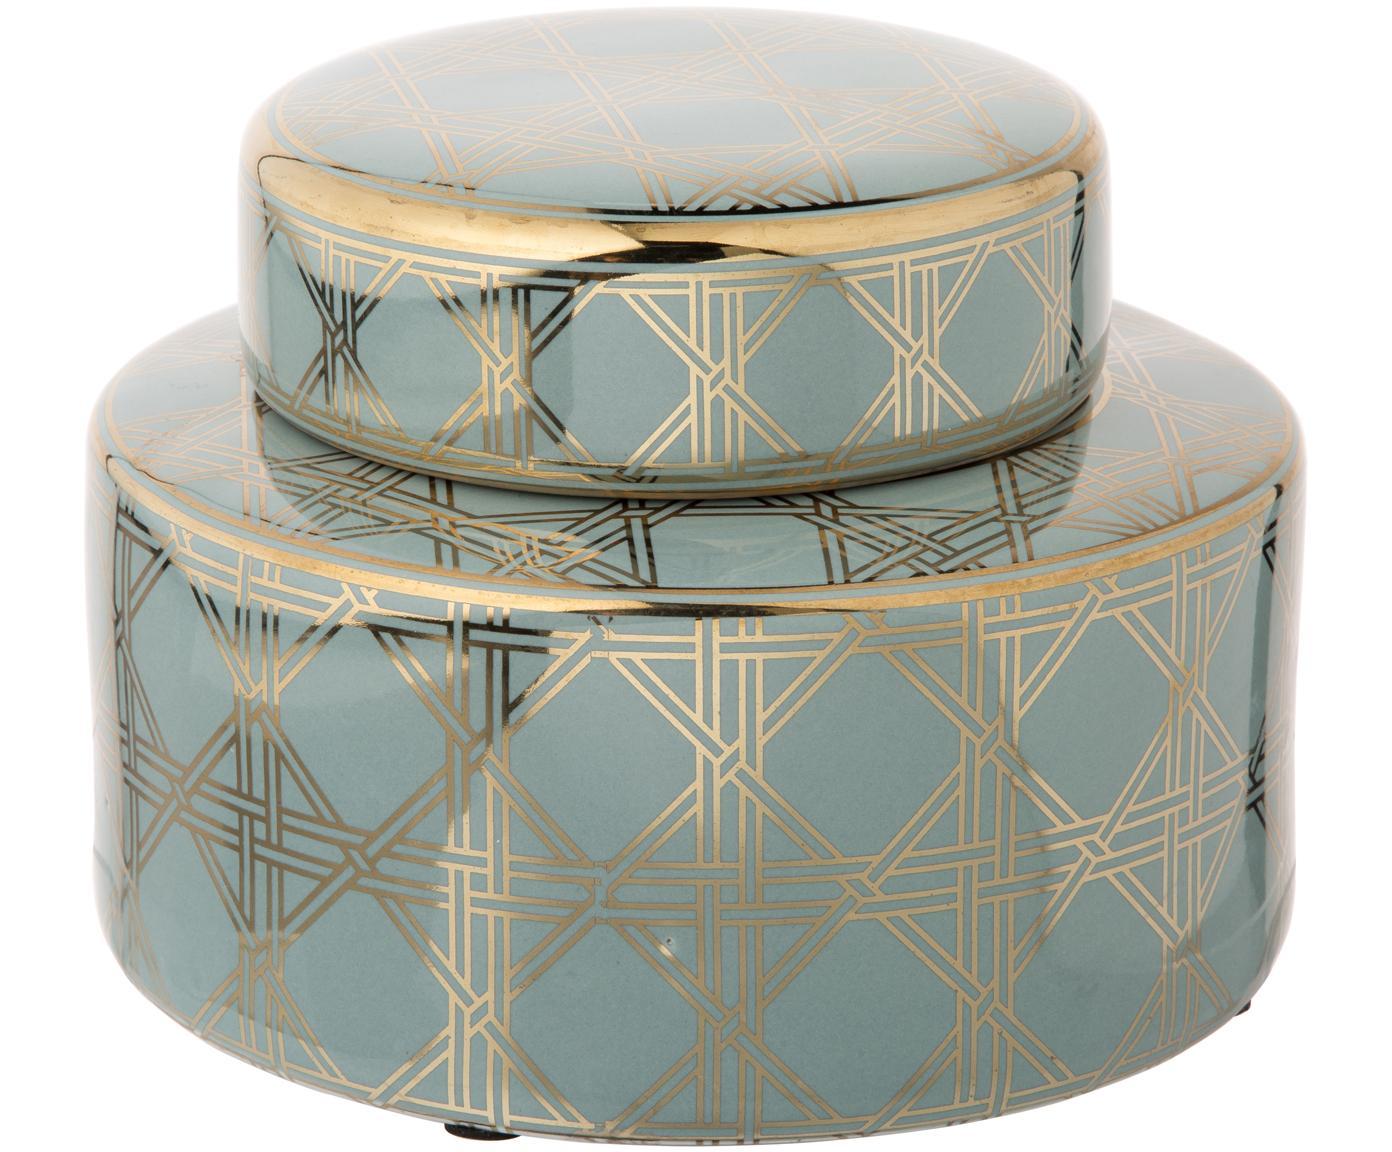 Grote vaas met deksel Egypt uit porselein, Porselein, Turqouise, goudkleurig, Ø 23 x H 16 cm